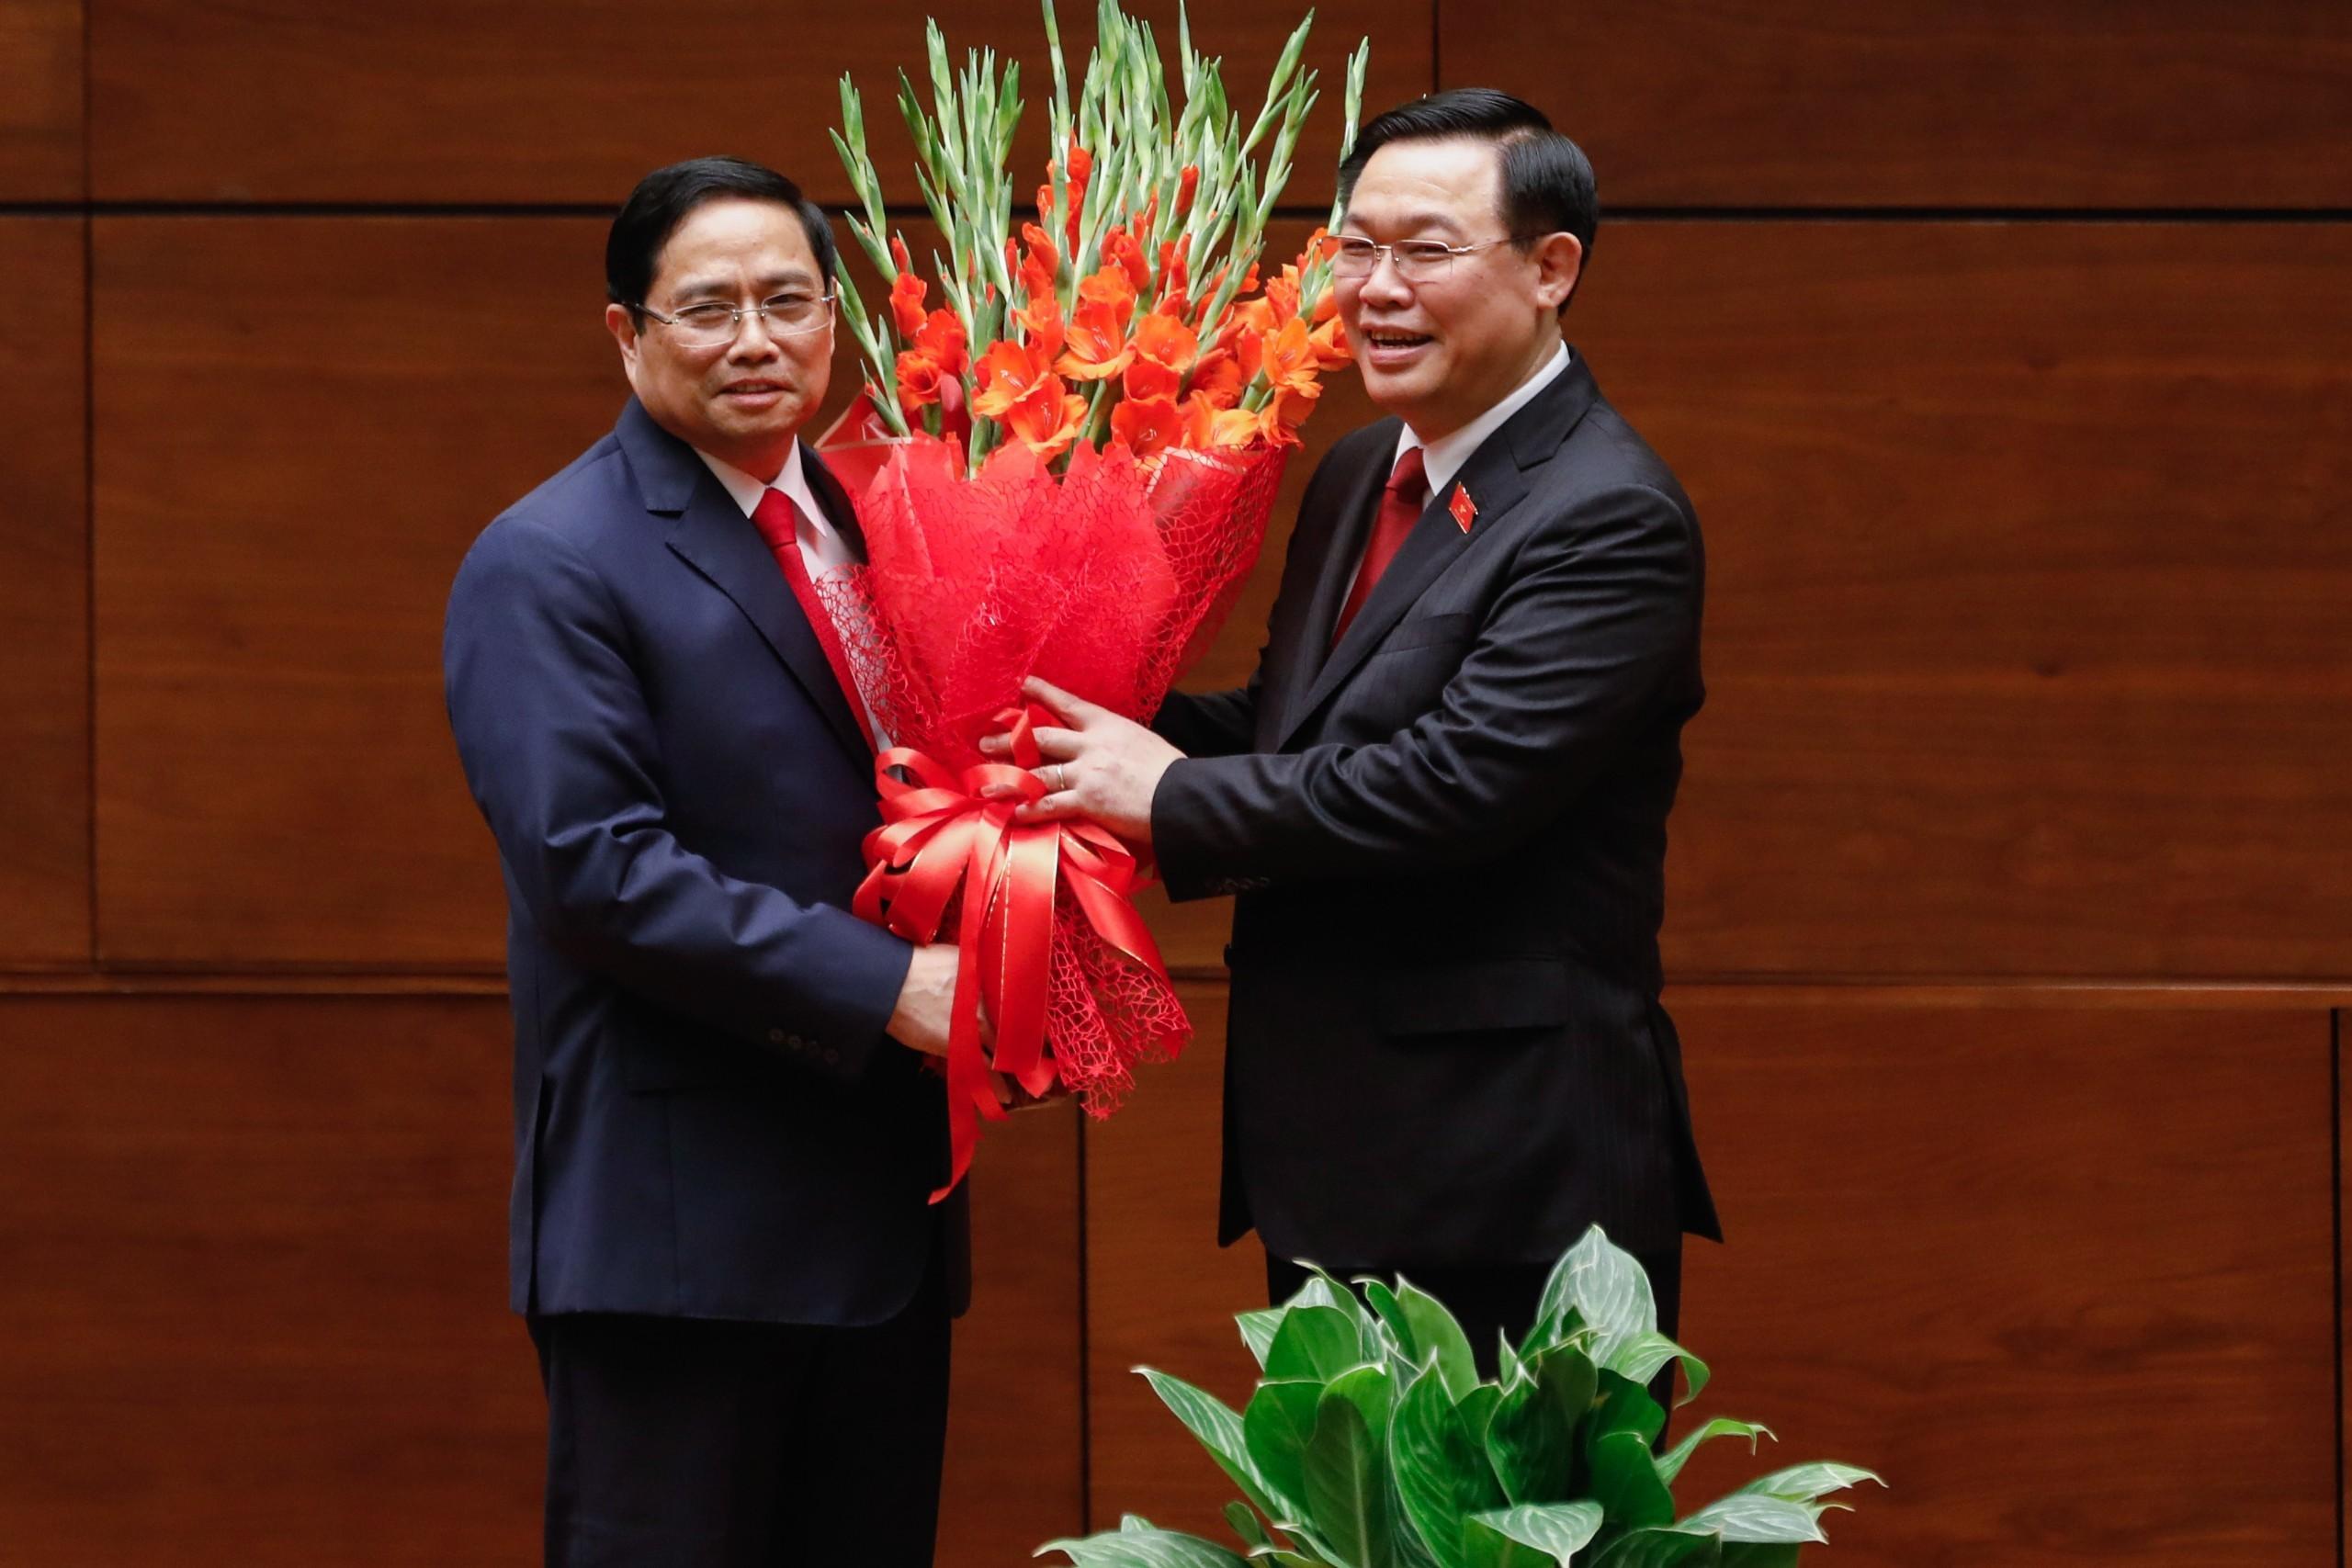 Tân Thủ tướng Phạm Minh Chính: Tất cả vì lợi ích của Đảng, của quốc gia, dân tộc